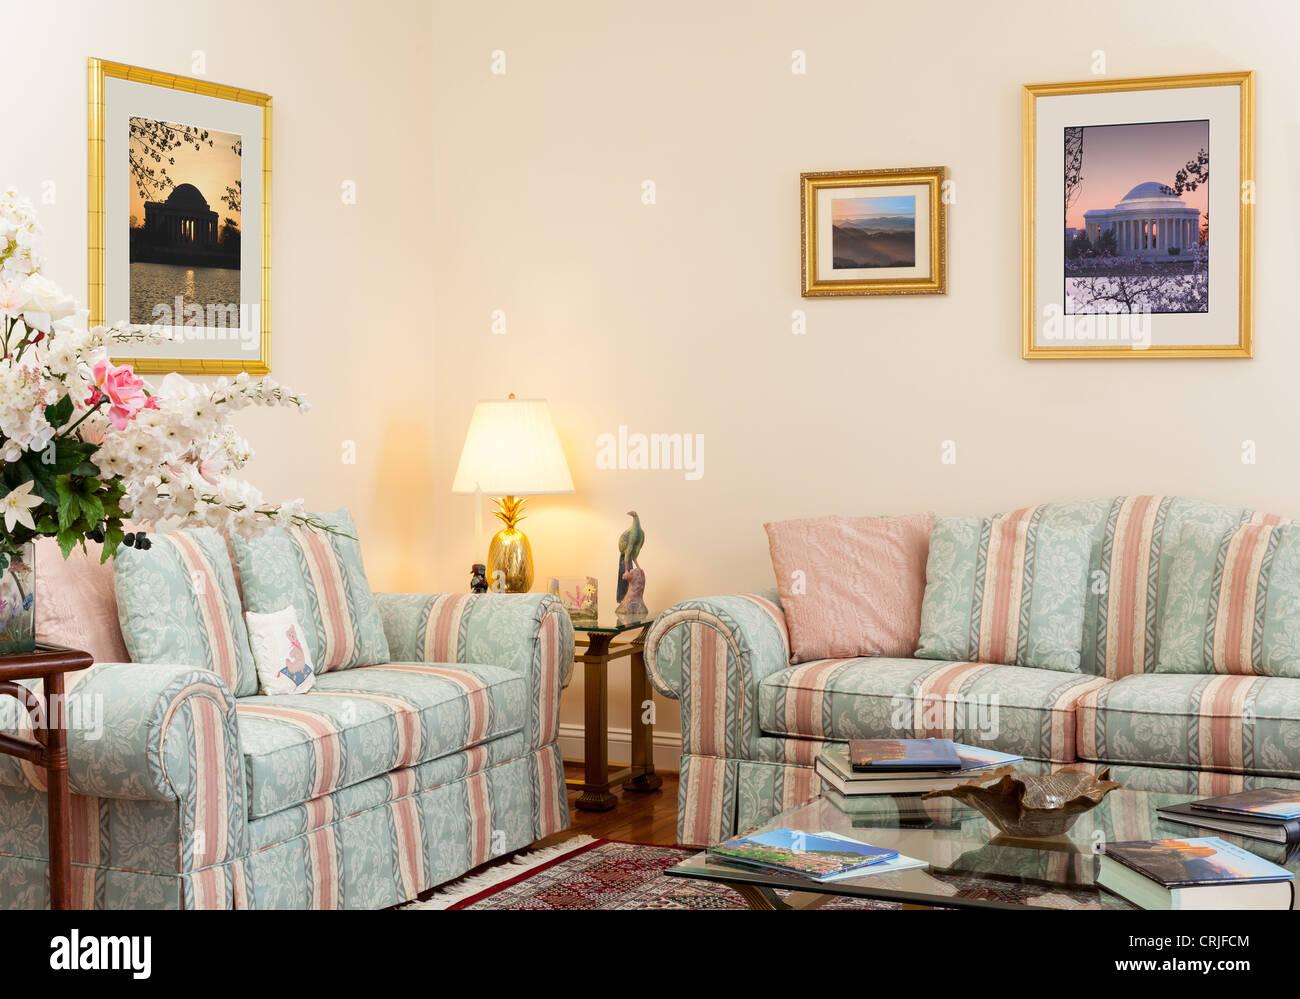 Soggiorno con divano Immagini Stock